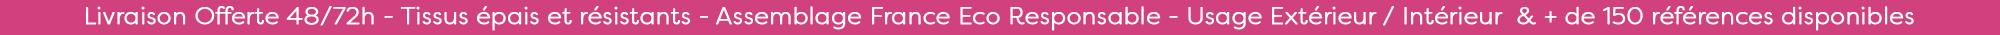 Livraison offerte 48/72h - Tissus epais et resistants - Assemblage France Eco responsable - Usage Exterieur / Interieur & + de 150 references disponibles